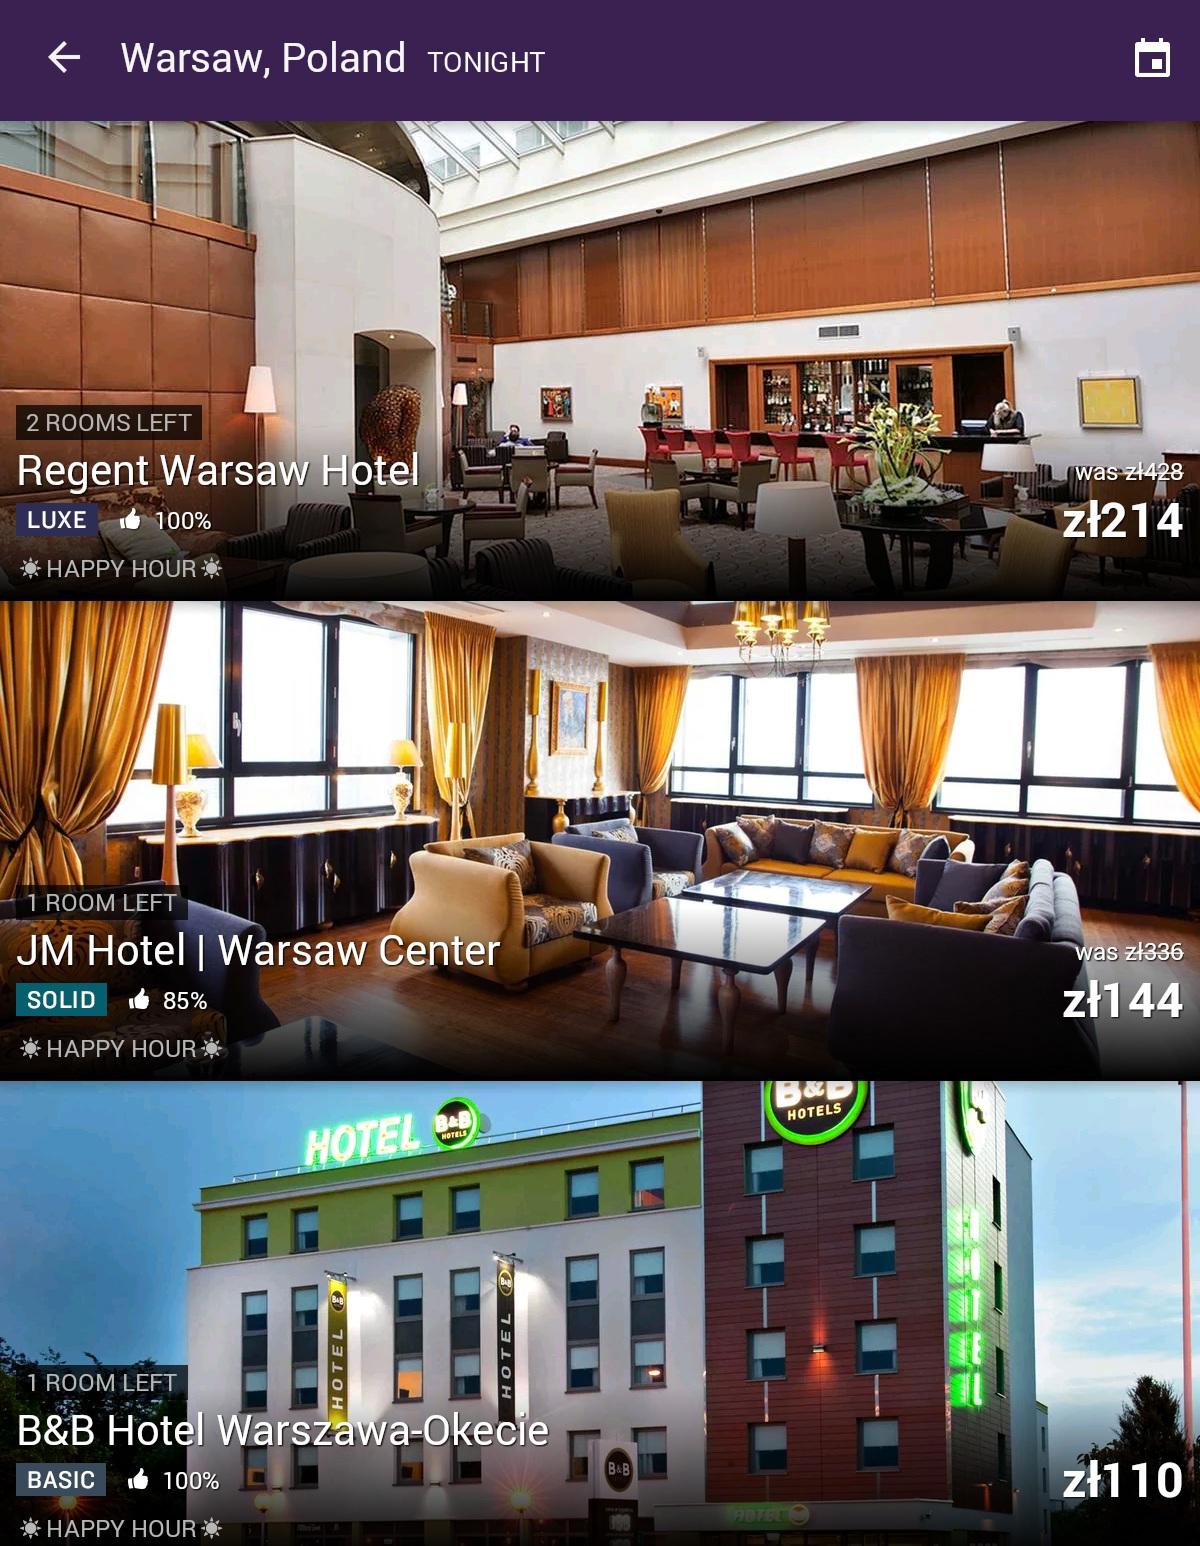 hoteltonight-rezerwacja1a